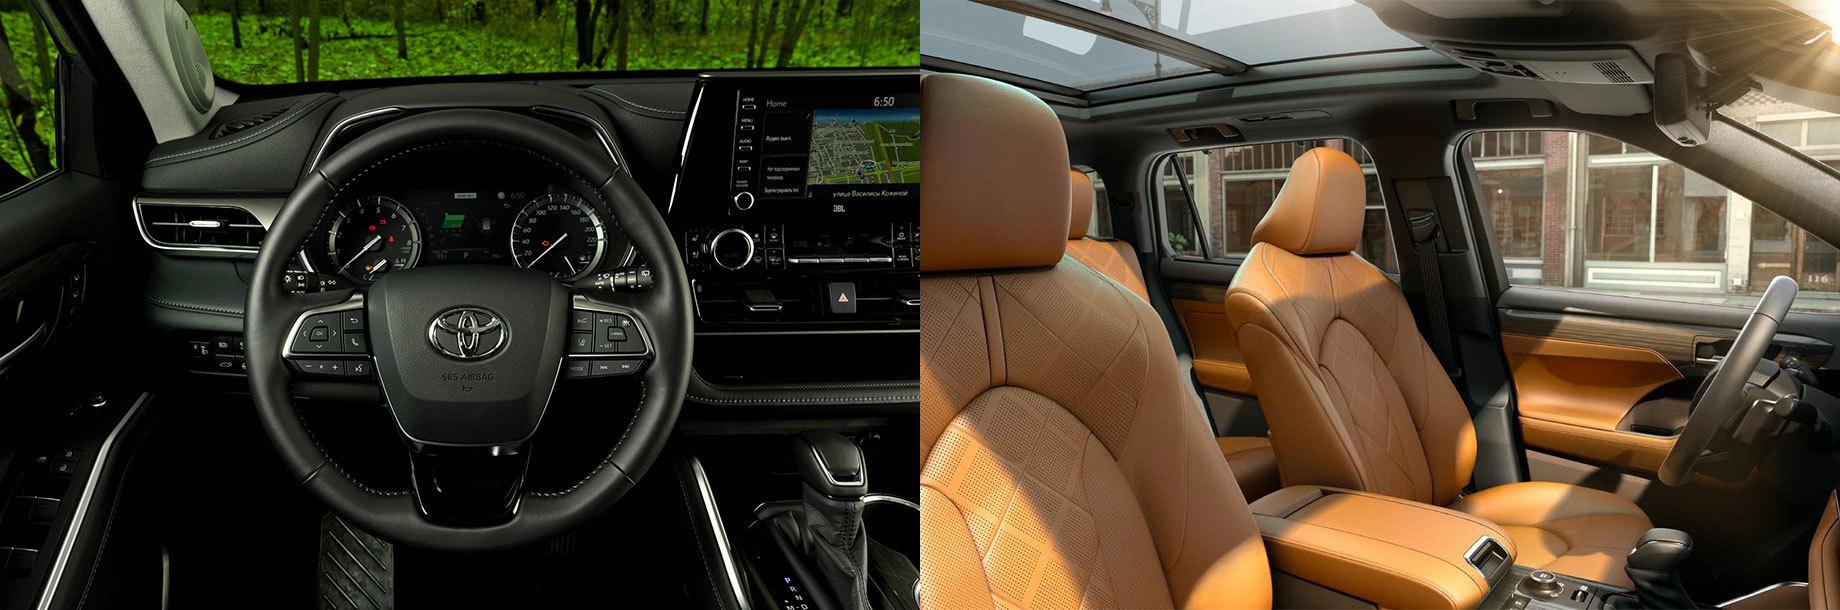 Новая Toyota Highlander начала сбор заказов в России